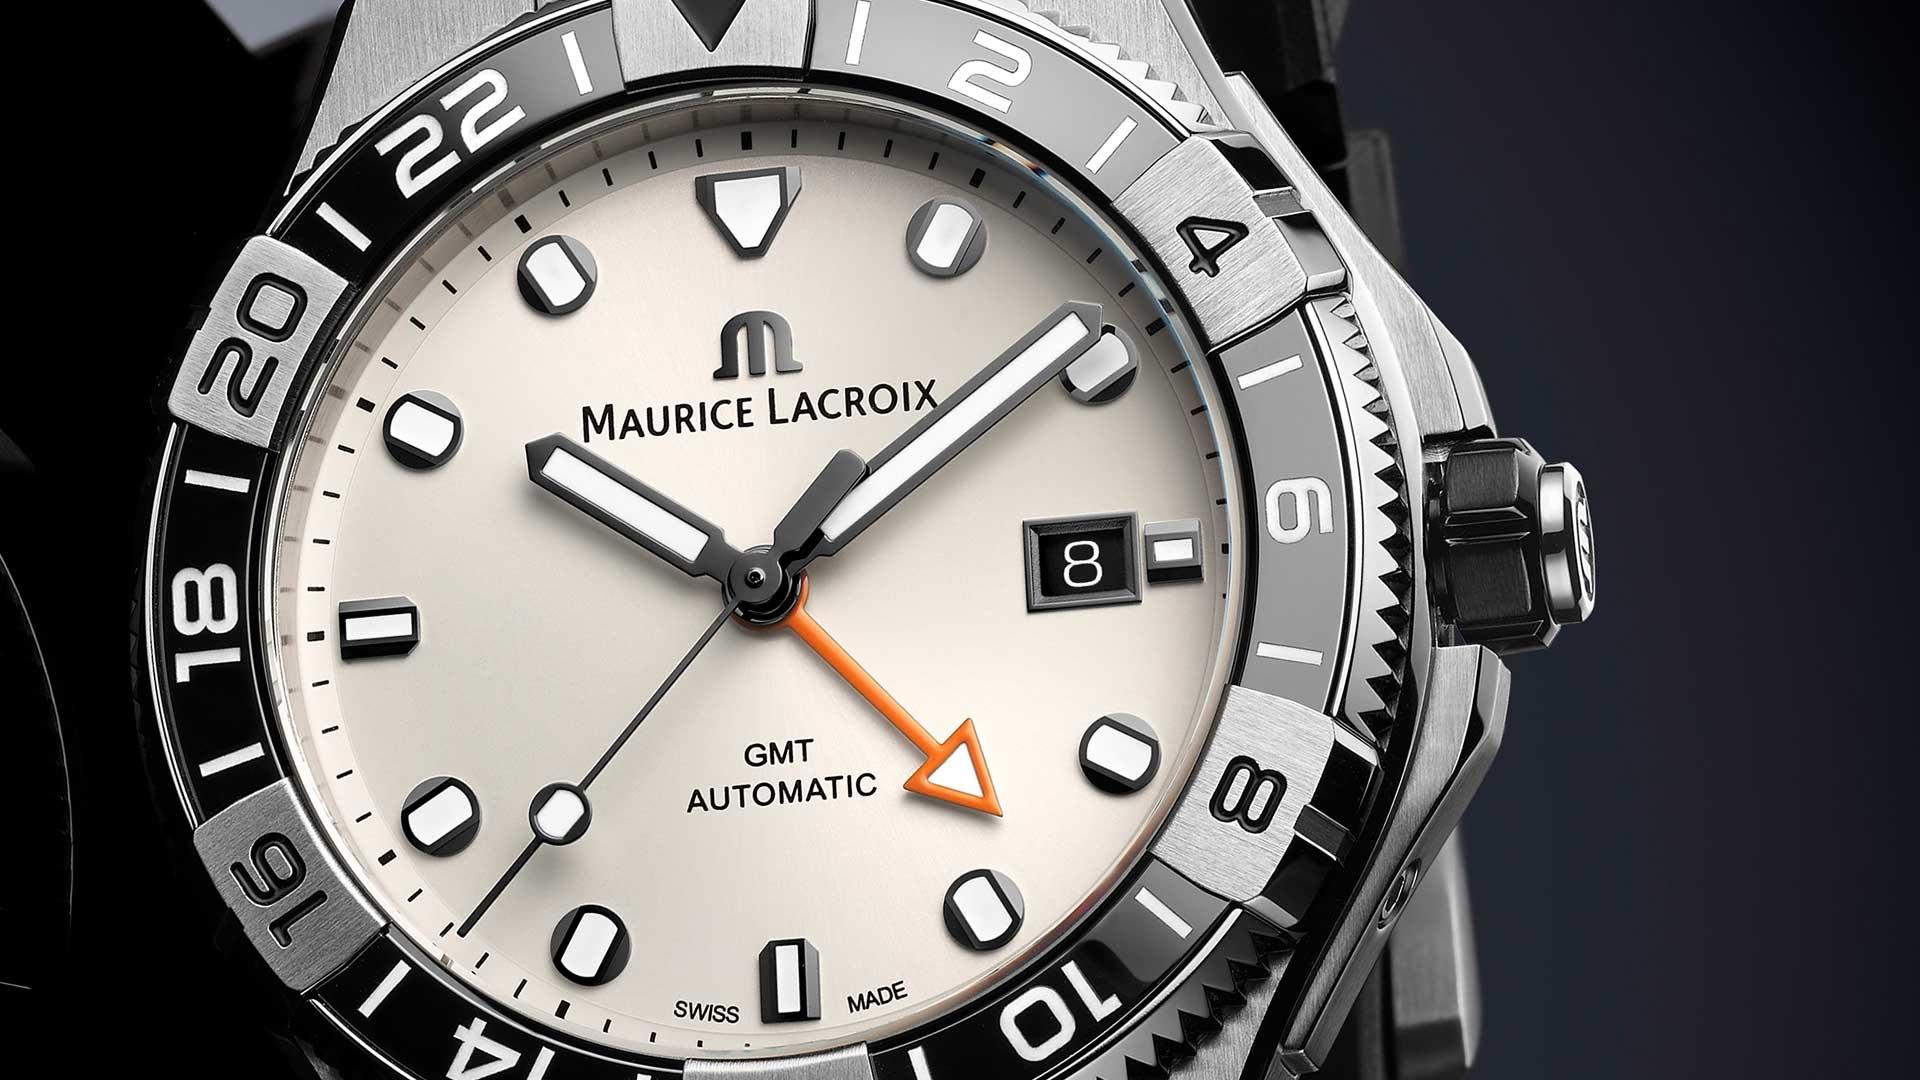 Maurice-Lacroix-Aikon-Venturer-GMT-Uhr-des-Monats-Juni-2021